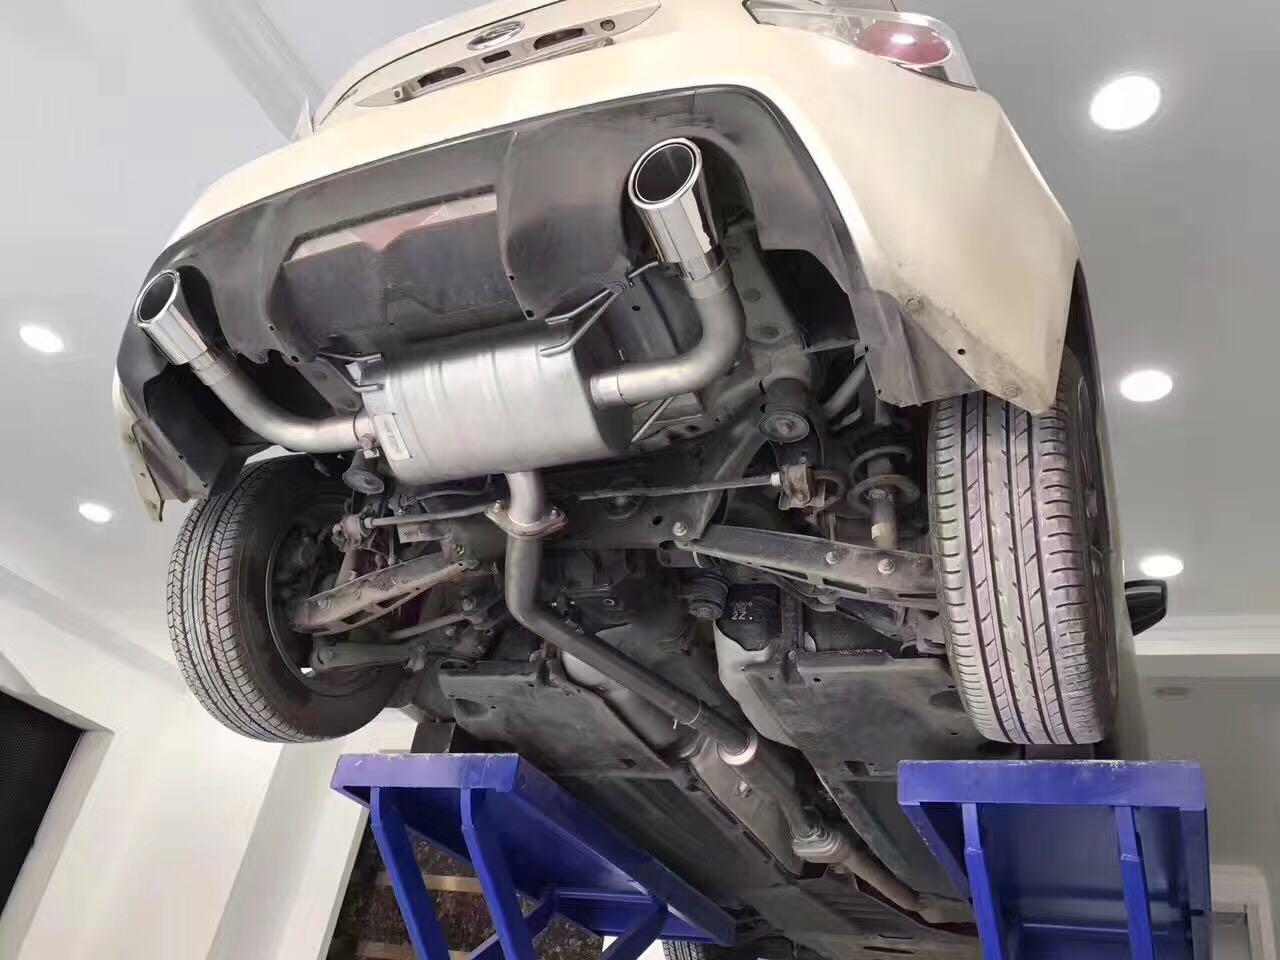 斯巴鲁BRZ 升级SETRS中尾阀门排气